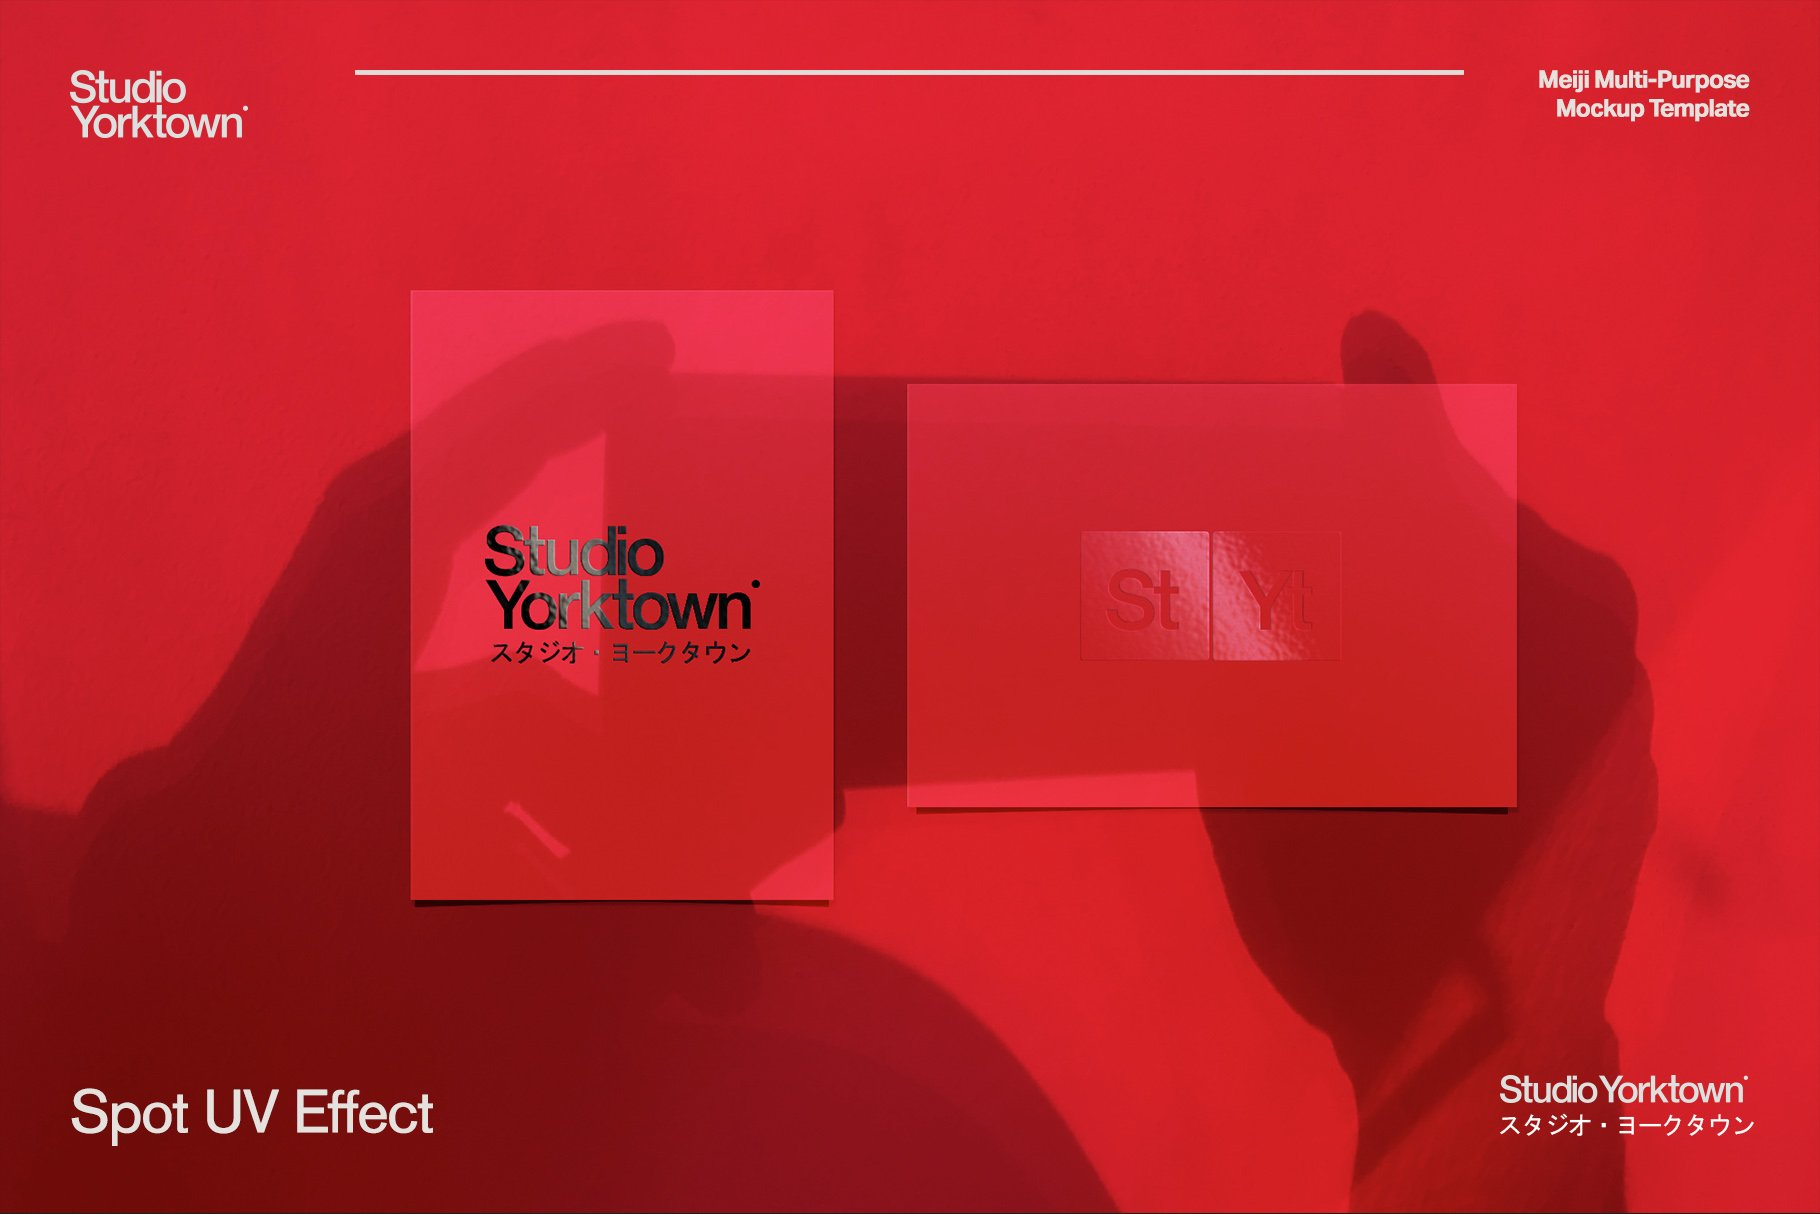 [淘宝购买] 潮流多功能压印铝箔虹彩效果办公用品场景样机套件 Meiji Multi Effect Mockup Template插图(15)